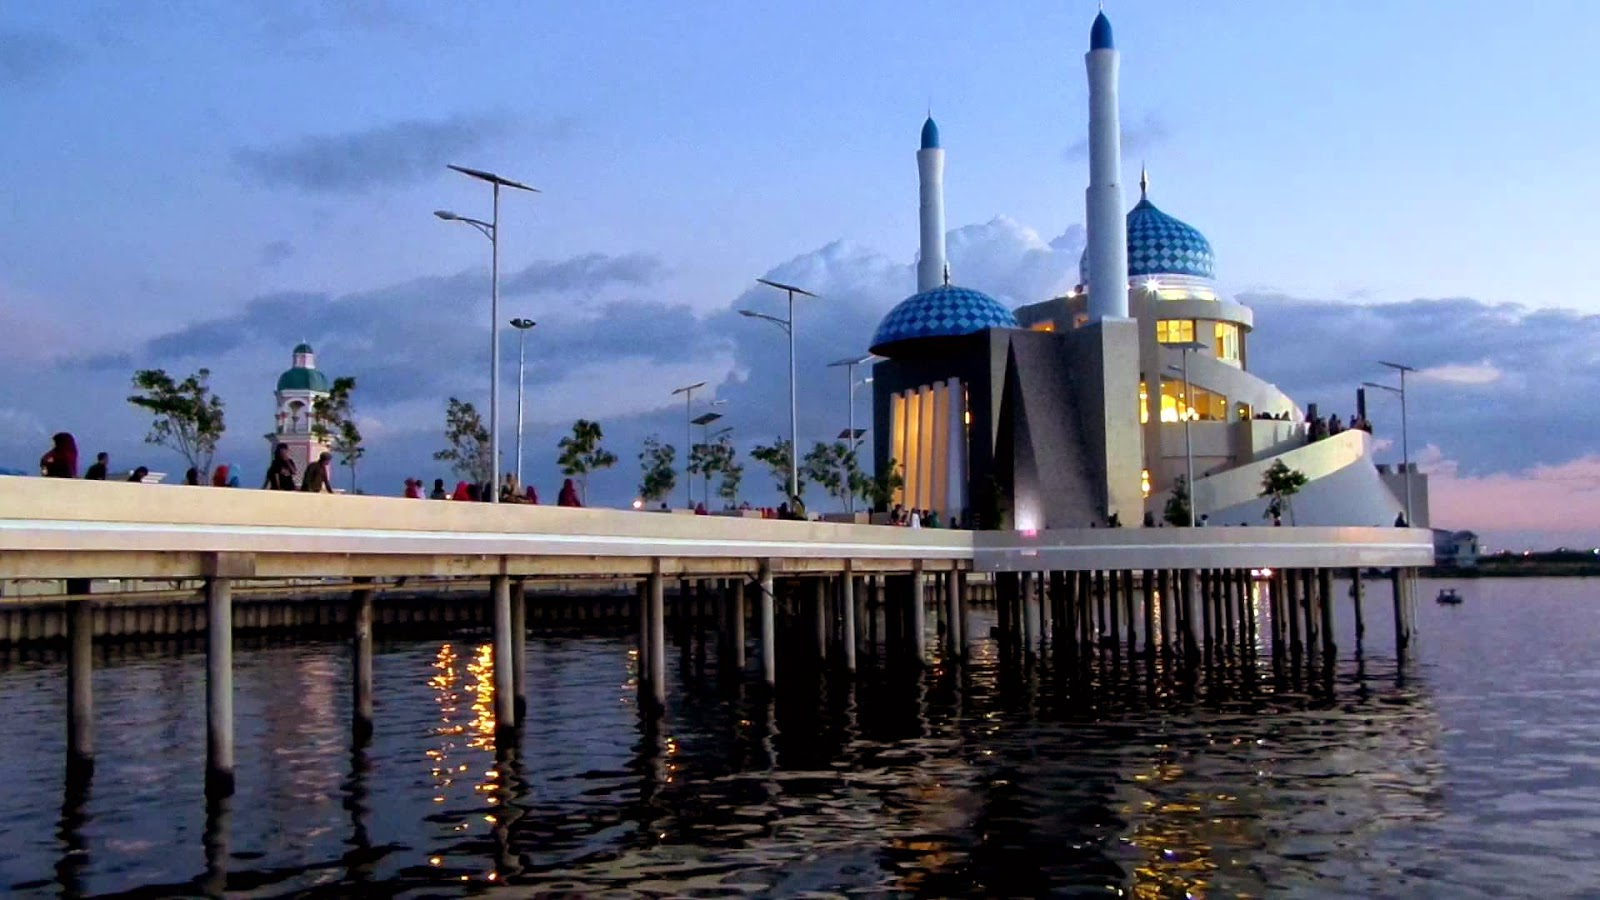 Wisata Pantai Losari Makassar Aneka Nusantara Mesjid Amirul Mukminin Kota